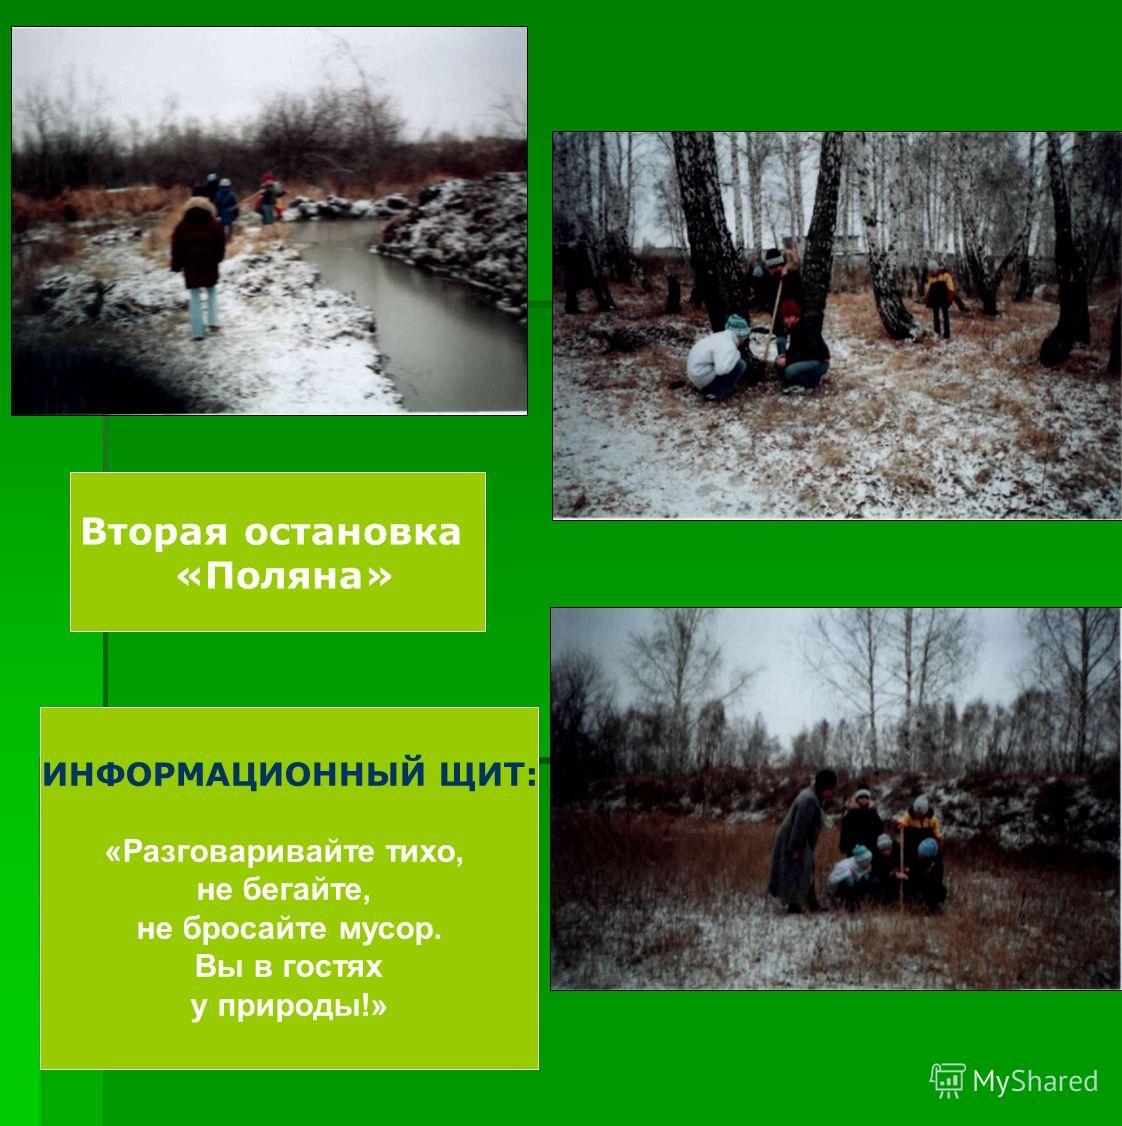 Вторая остановка «Поляна» ИНФОРМАЦИОННЫЙ ЩИТ: «Разговаривайте тихо, не бегайте, не бросайте мусор. Вы в гостях у природы!»